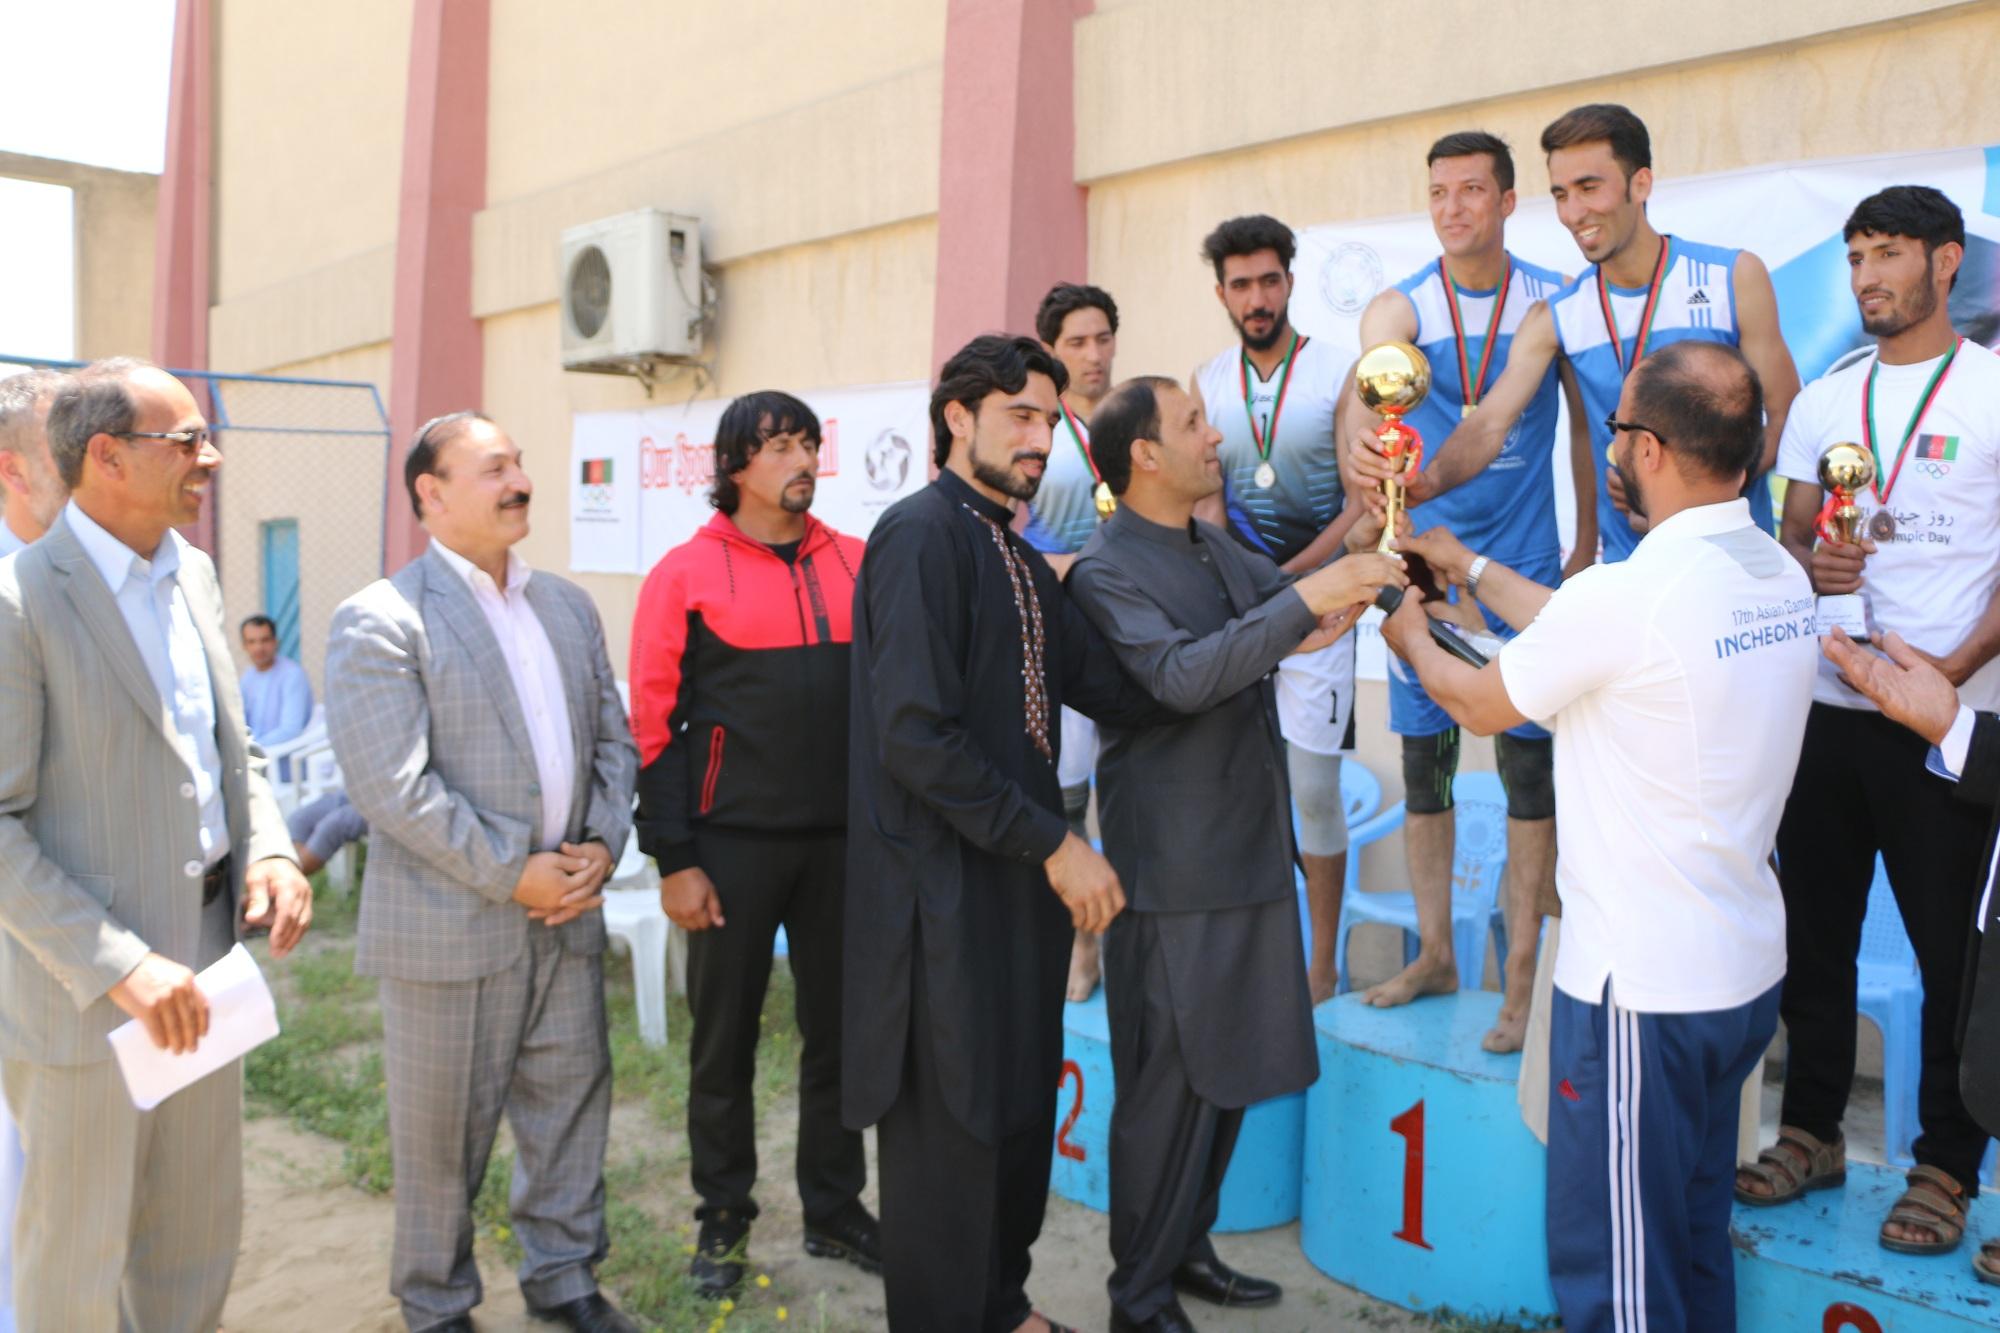 قهرمانی تیم والیبال ساحلی دانشگاه کاردان در رقابتهای روزجهانی المپیک